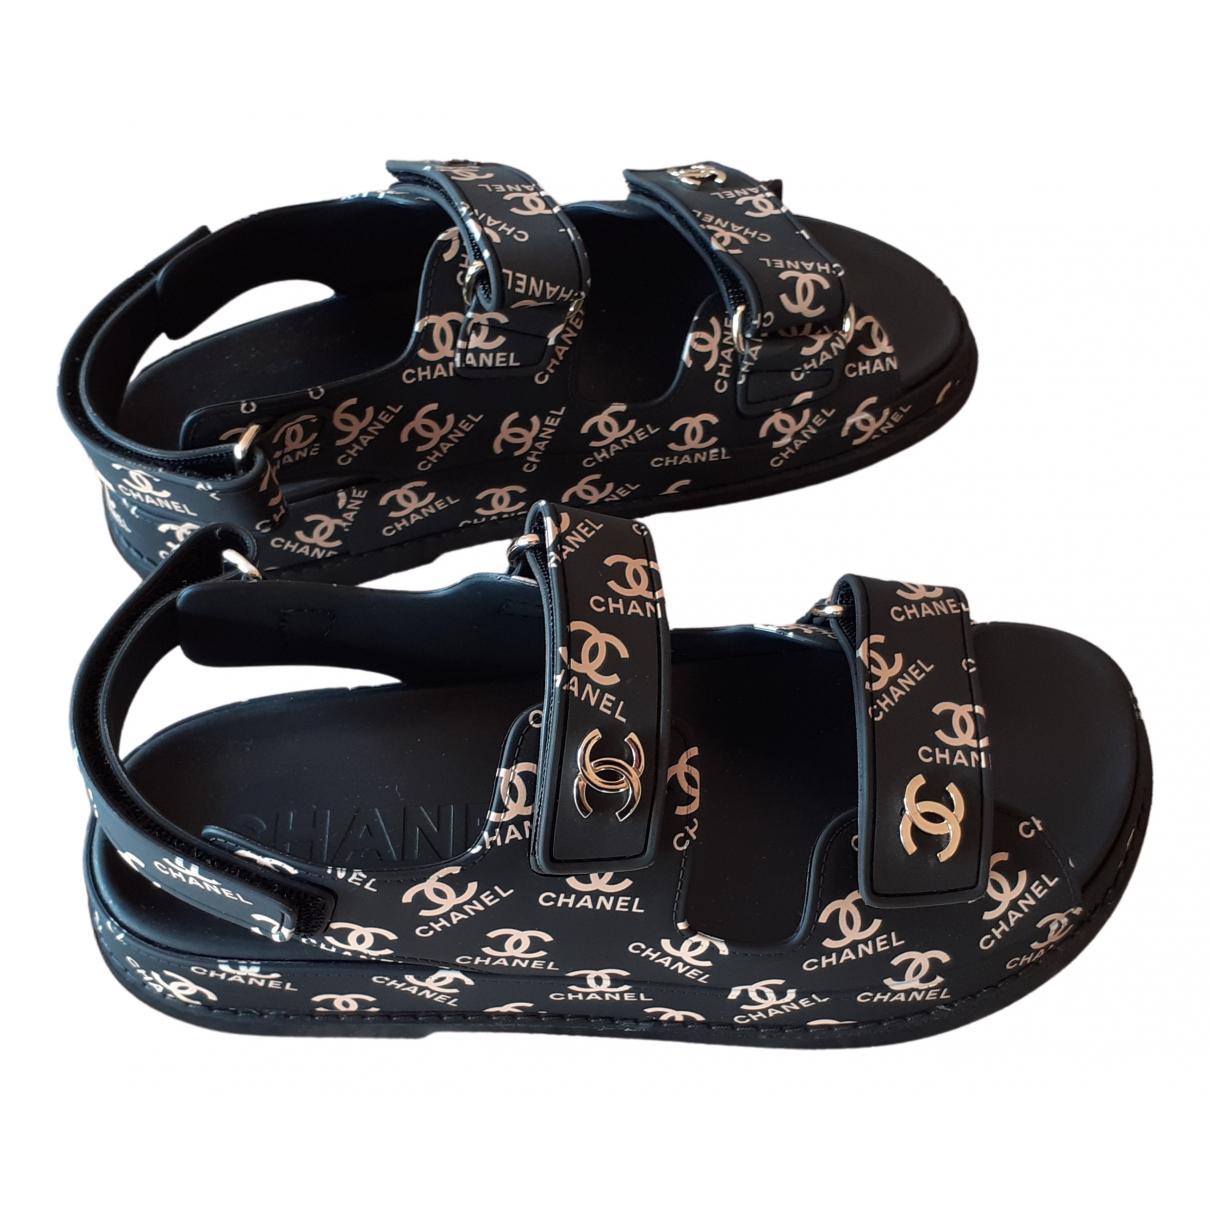 Chanel - Sandales Dad Sandals pour femme - multicolore